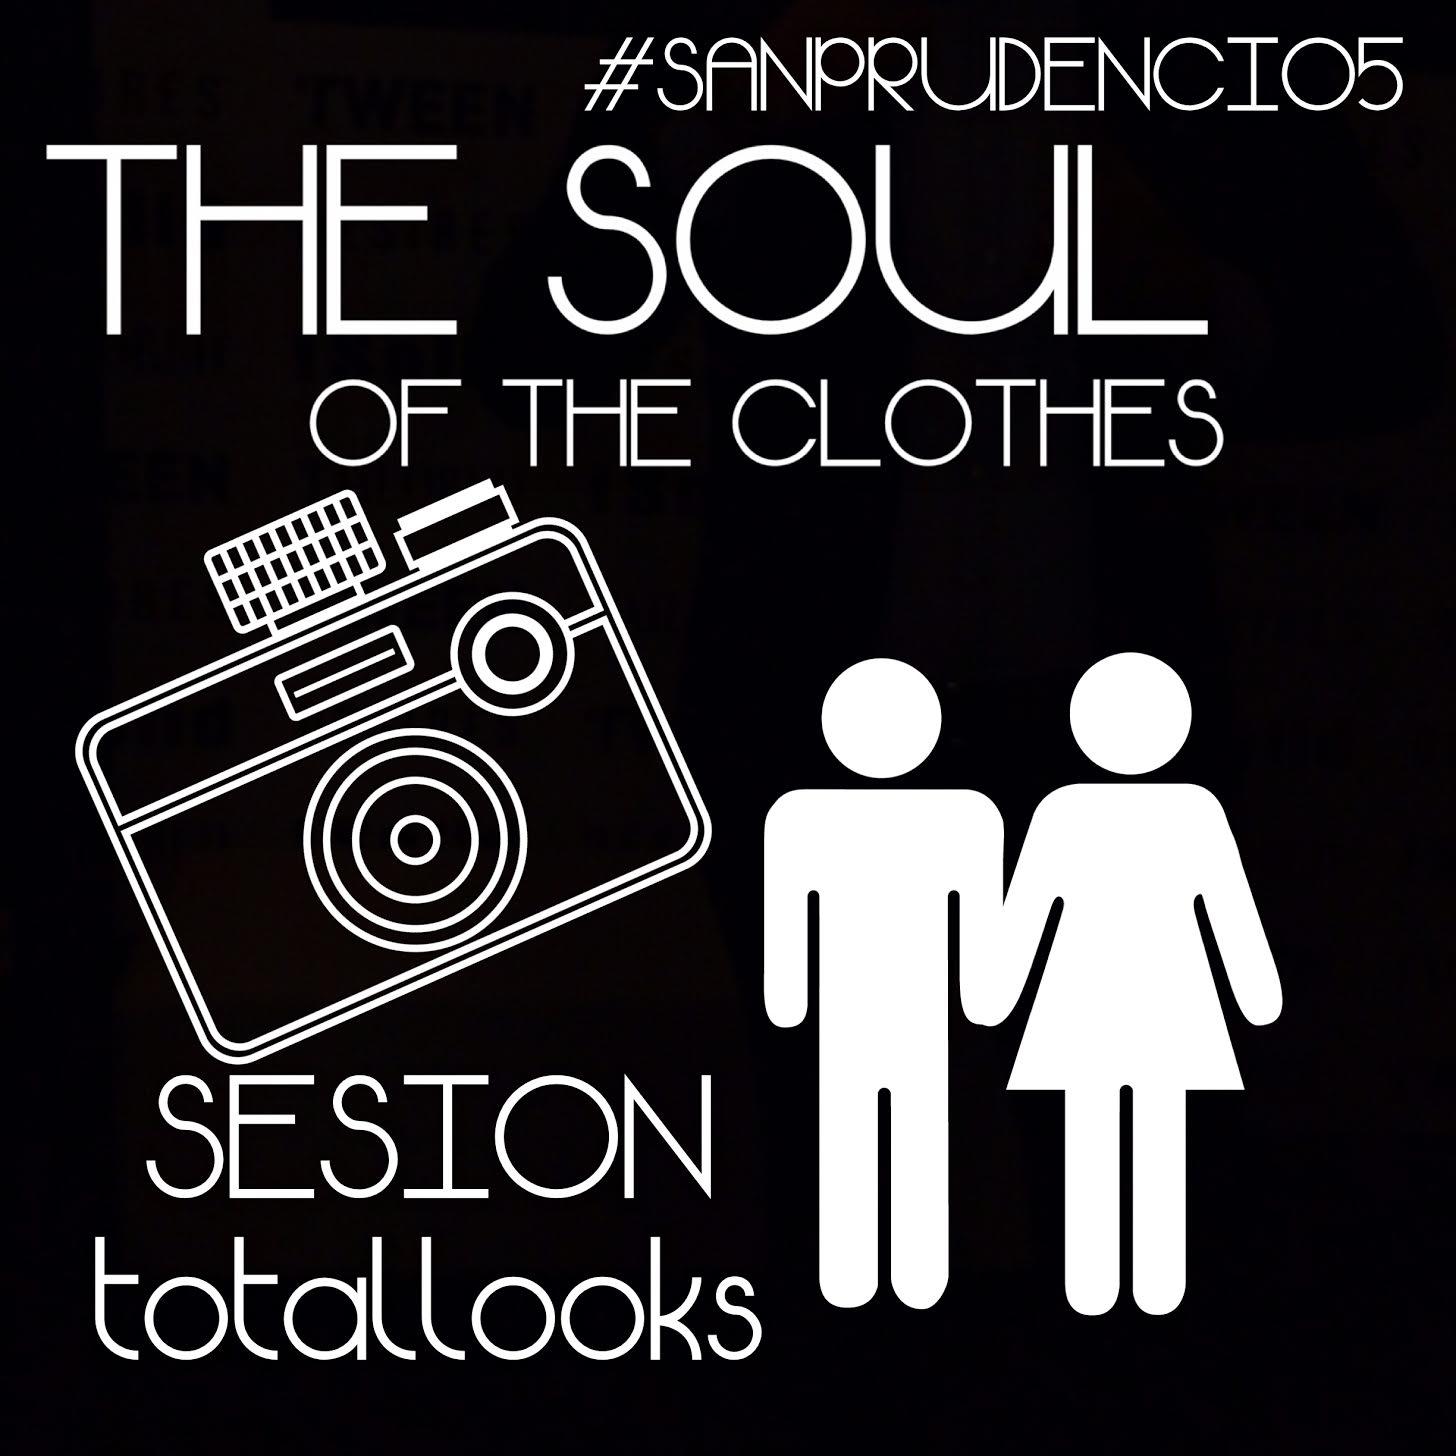 Necesitas-un-nuevo-look-consigue-un-total-look-con-the-soul-of-the-clothes-en-el-ii-anigersariogasteiz